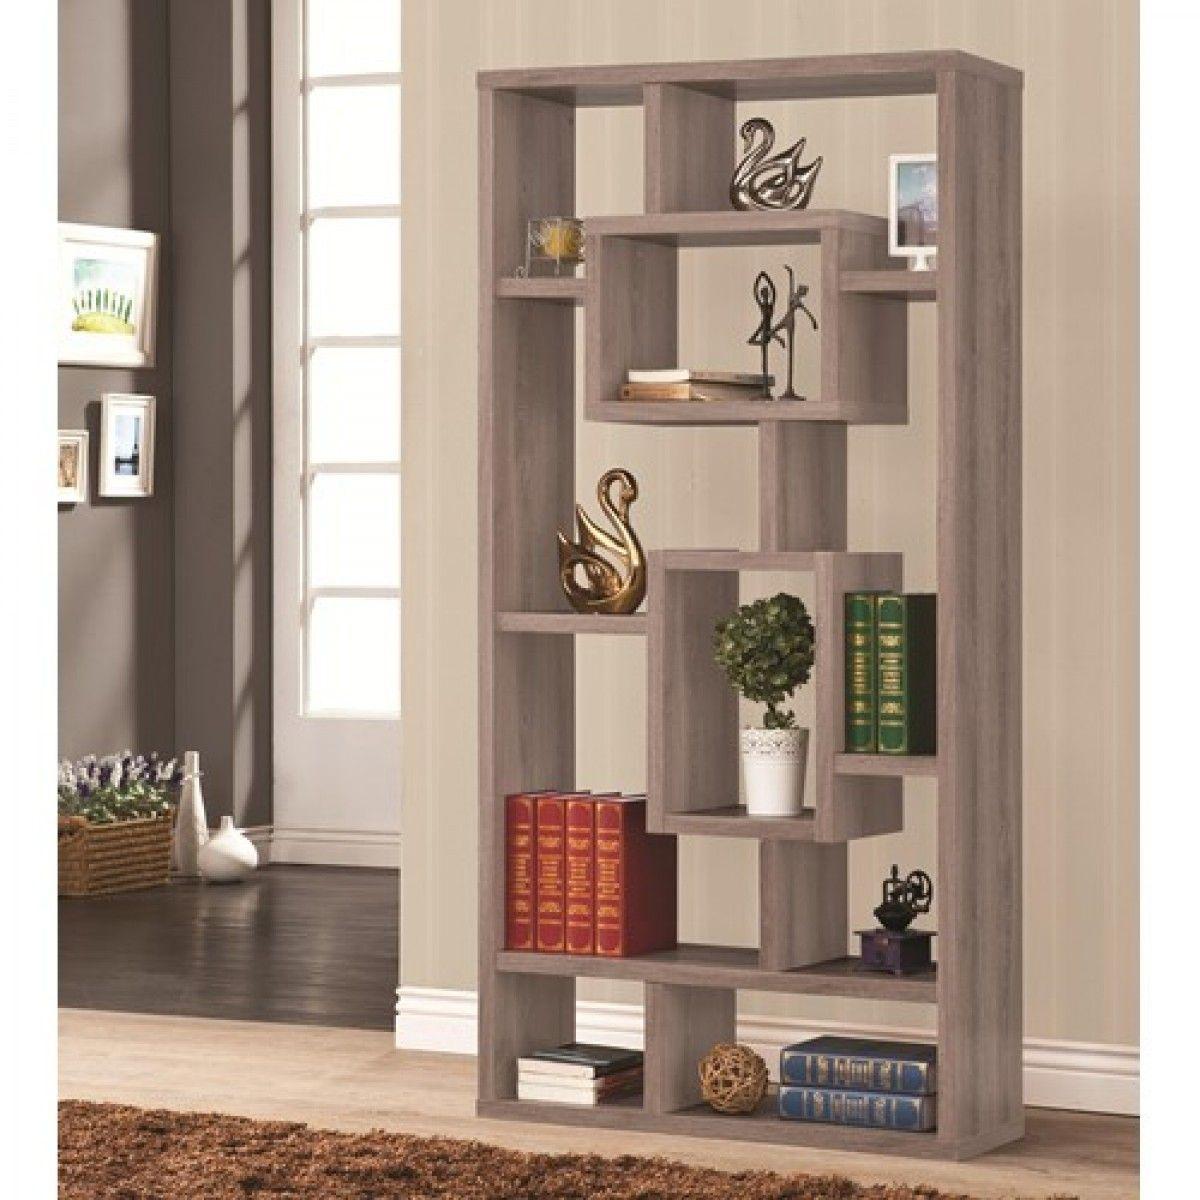 Librero simples modernos buscar con google deco - Libreros de madera modernos ...